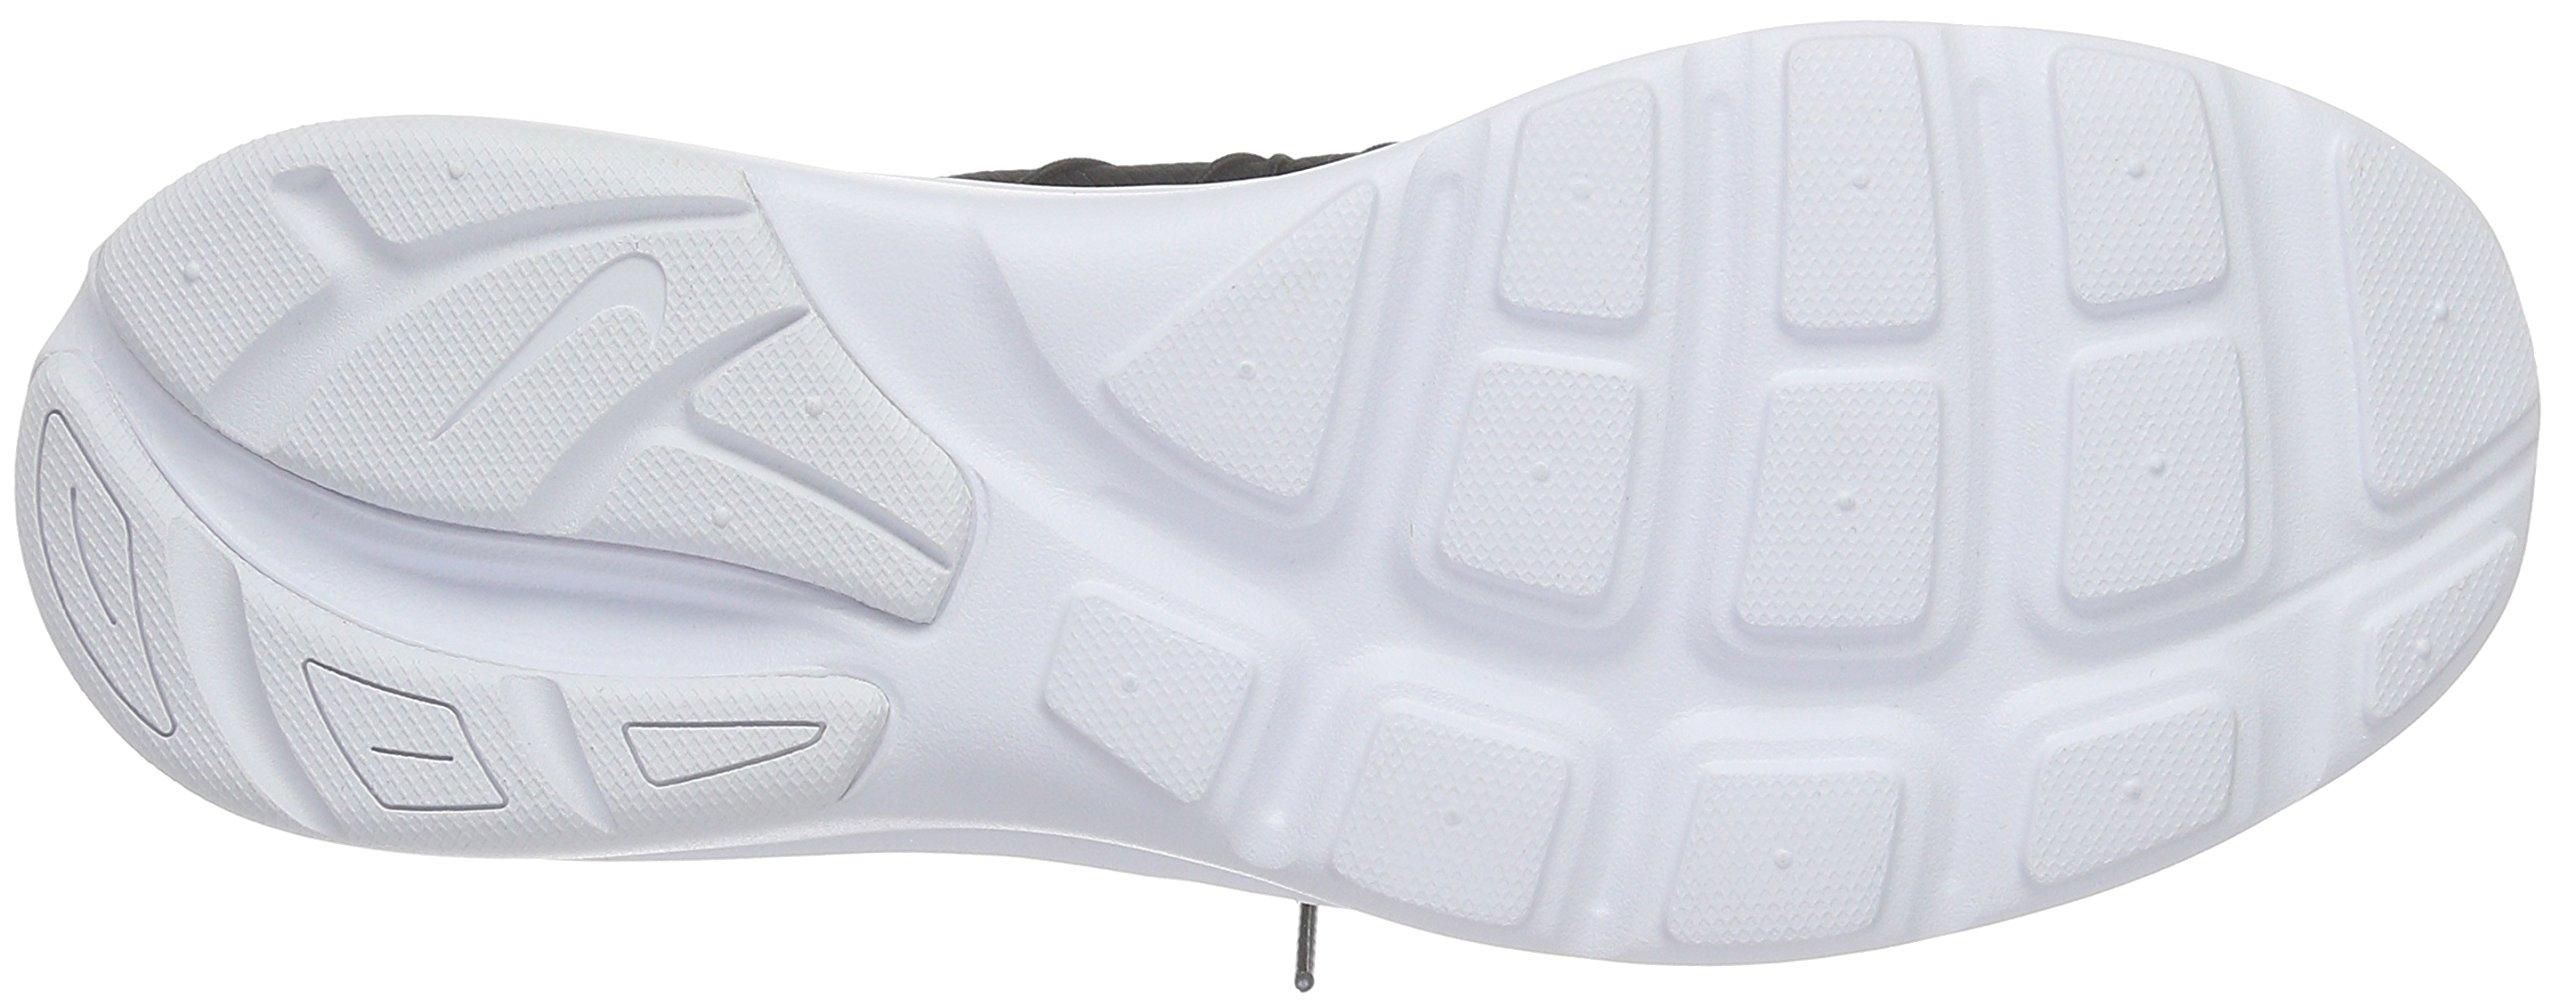 Nike Hombres Darwin Zapato Casual Negro 819803 002 Negro  Negro Casual Blanco D M c21c1c